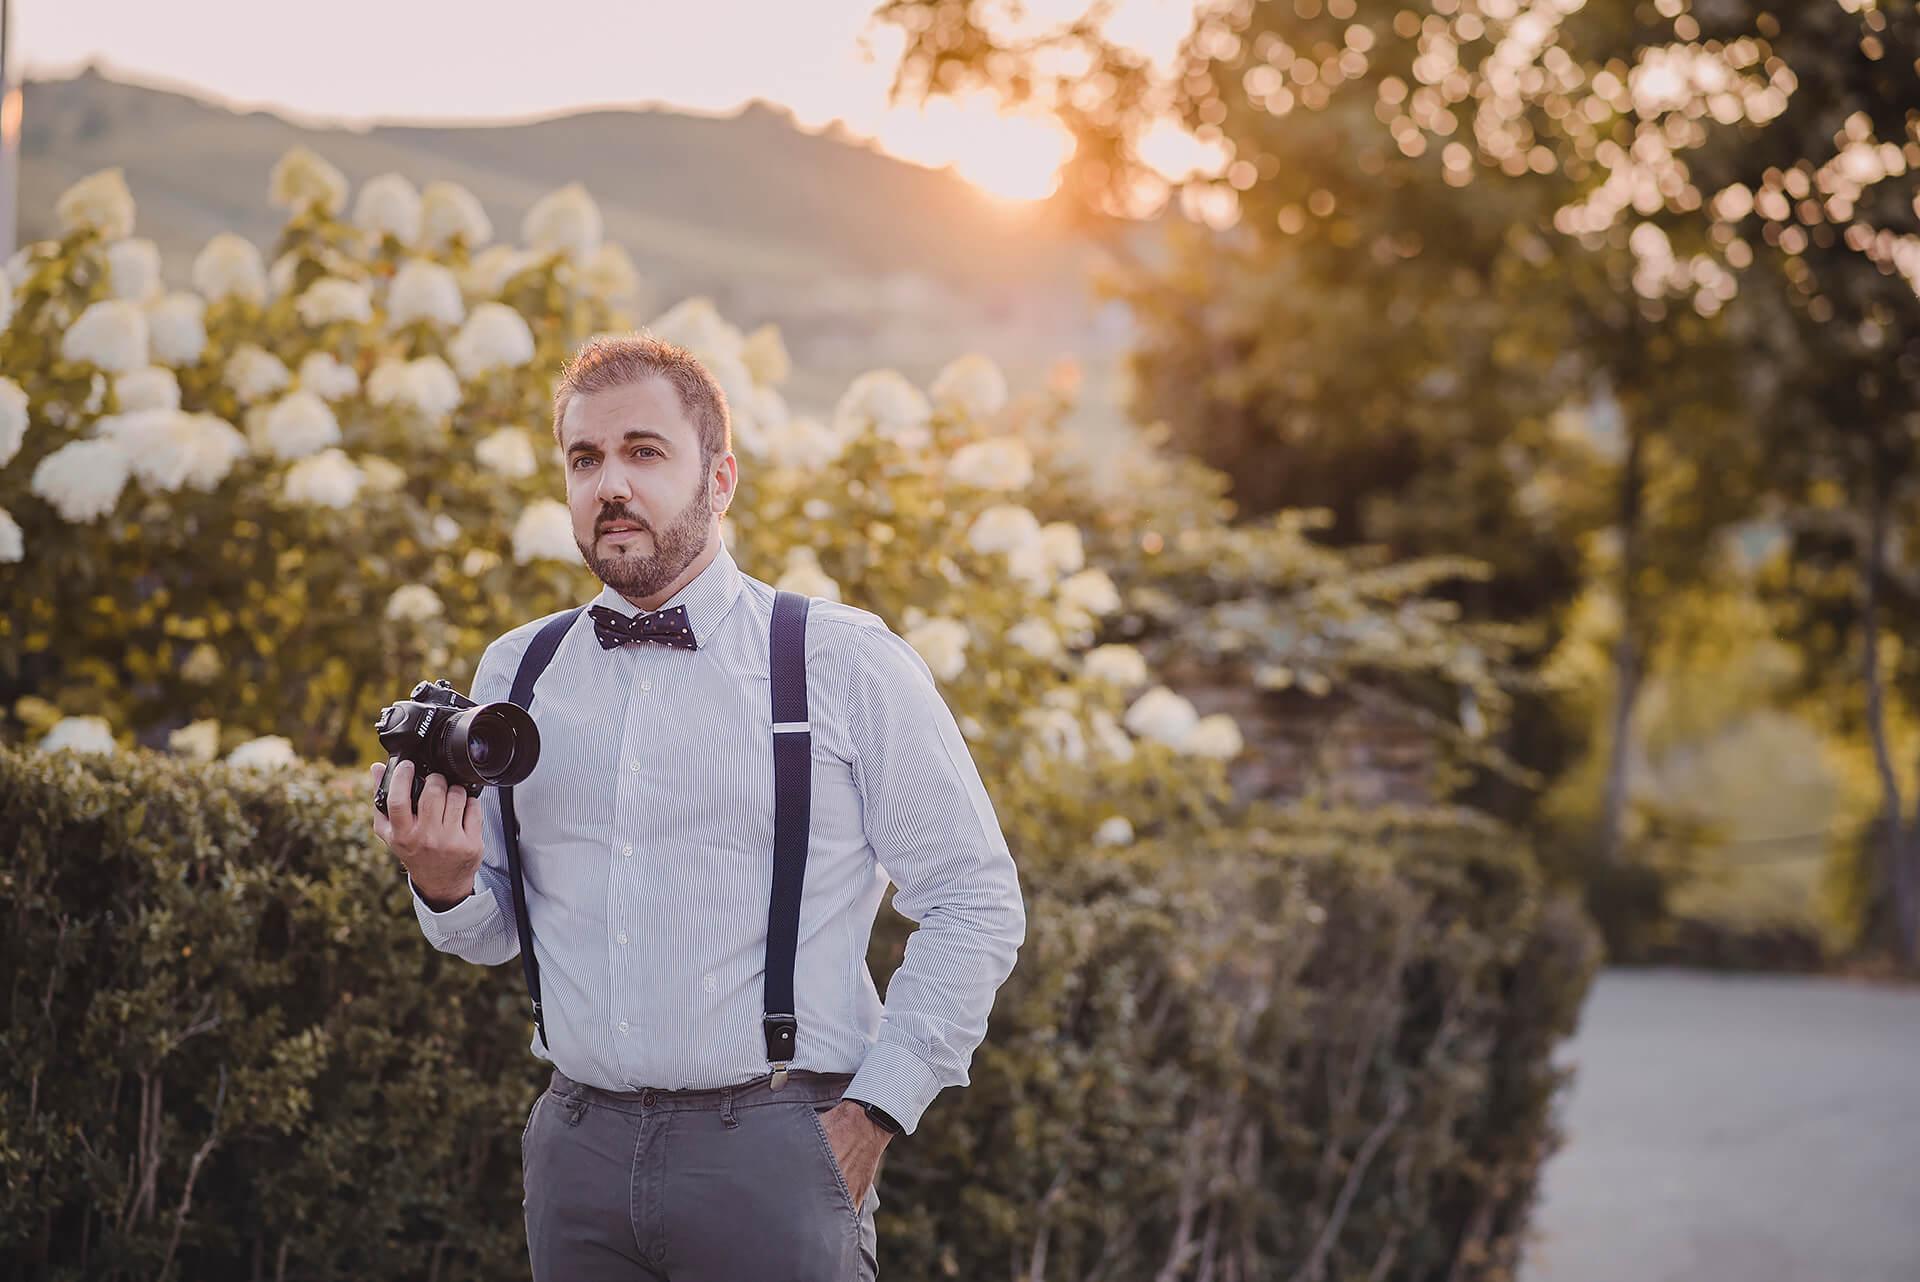 Francesco Matturro Fotografo Grafica aziendale e siti web